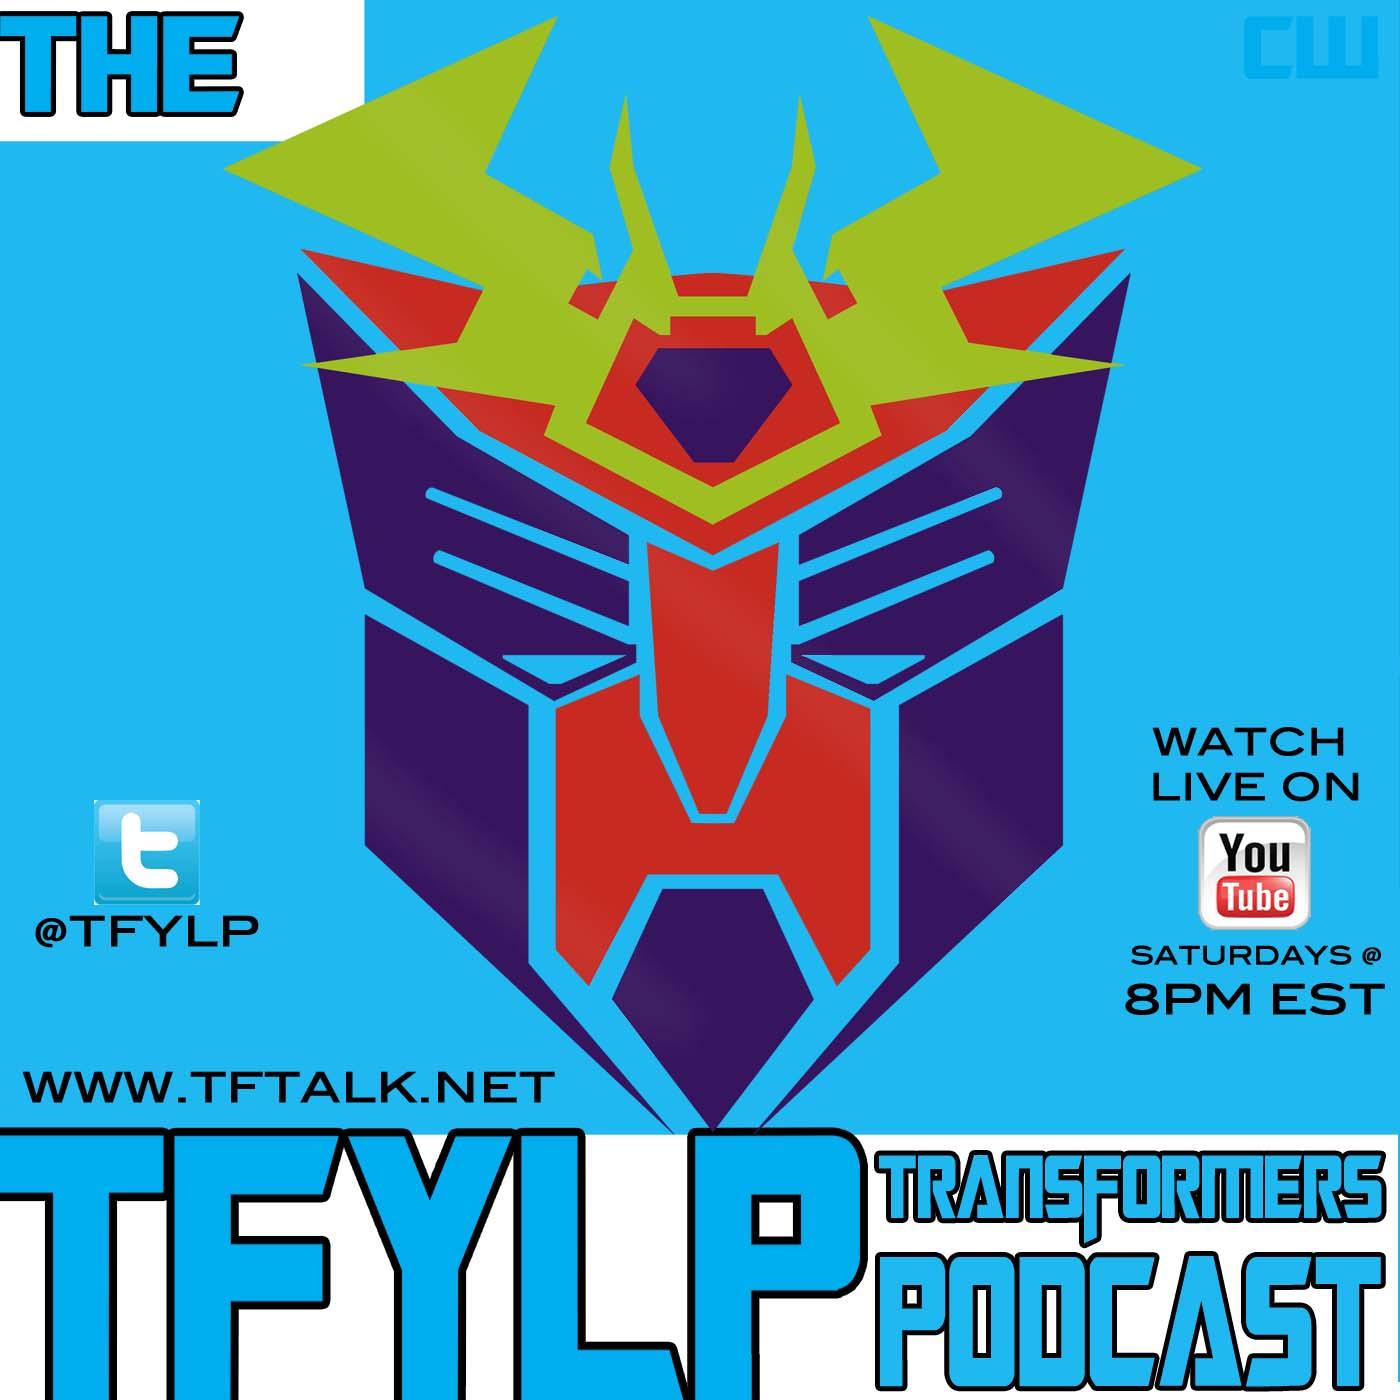 TFYLP